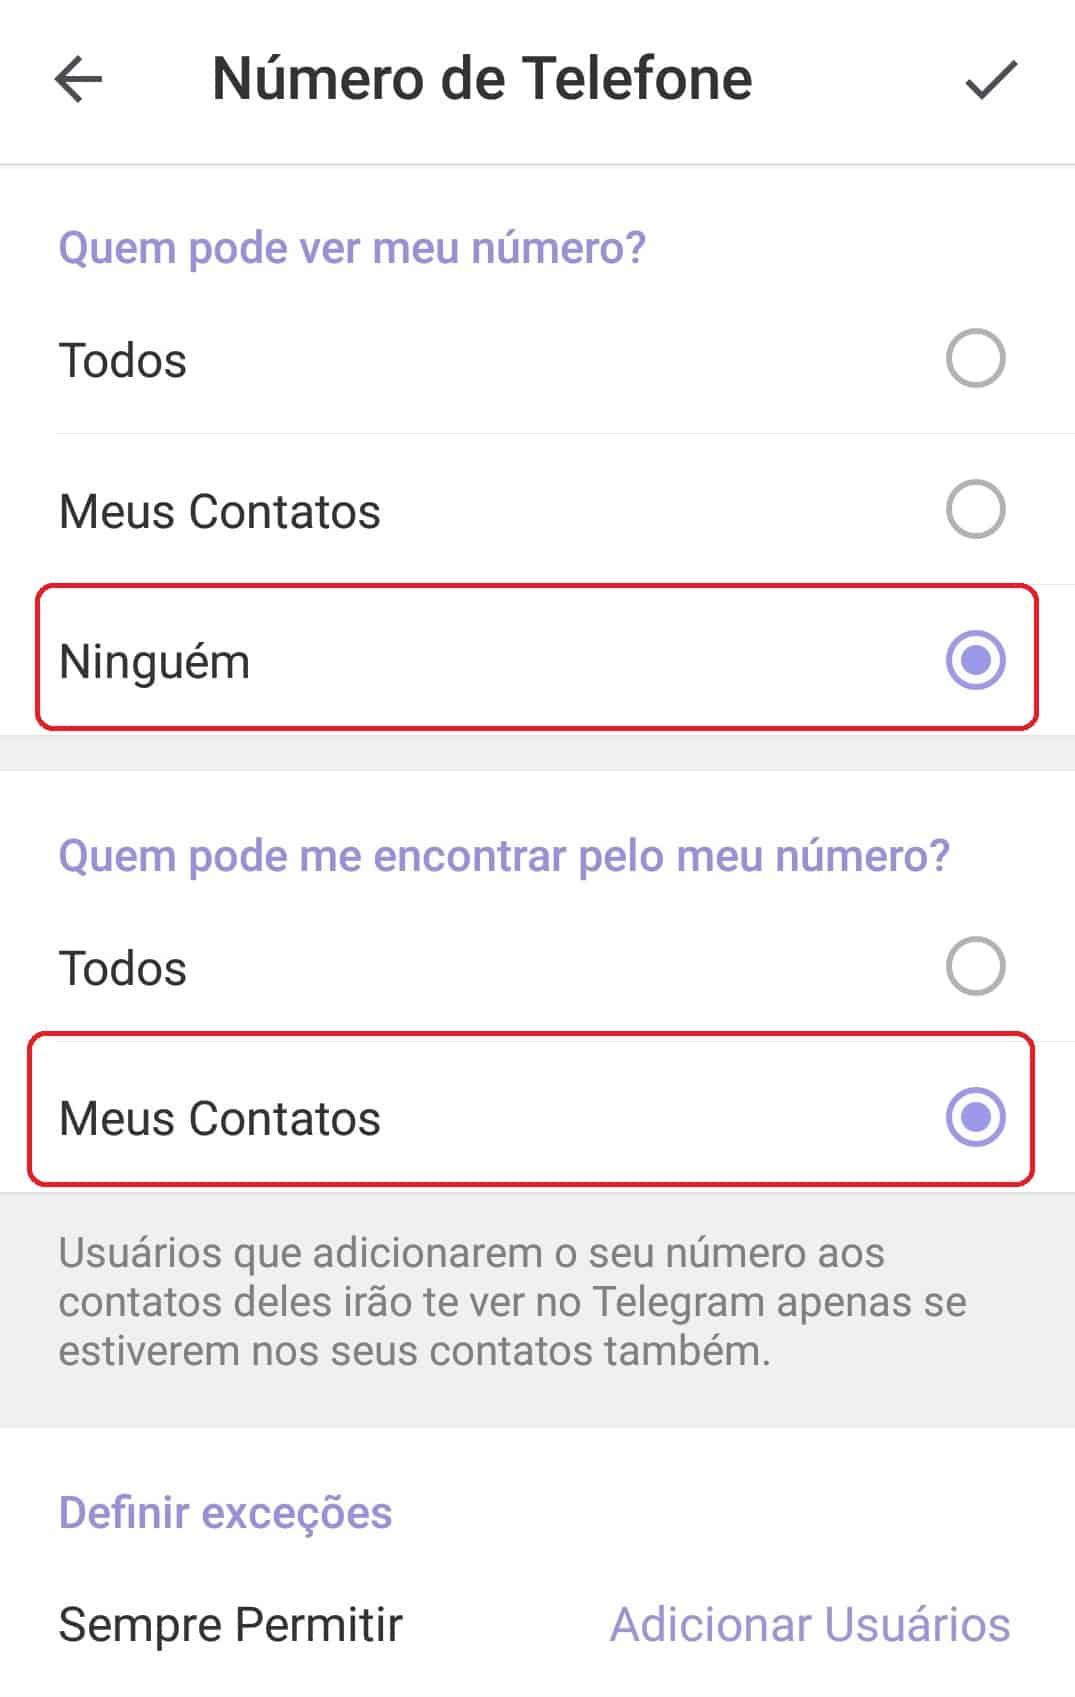 imagem 2 de Como ocultar o número de telefone no Telegram